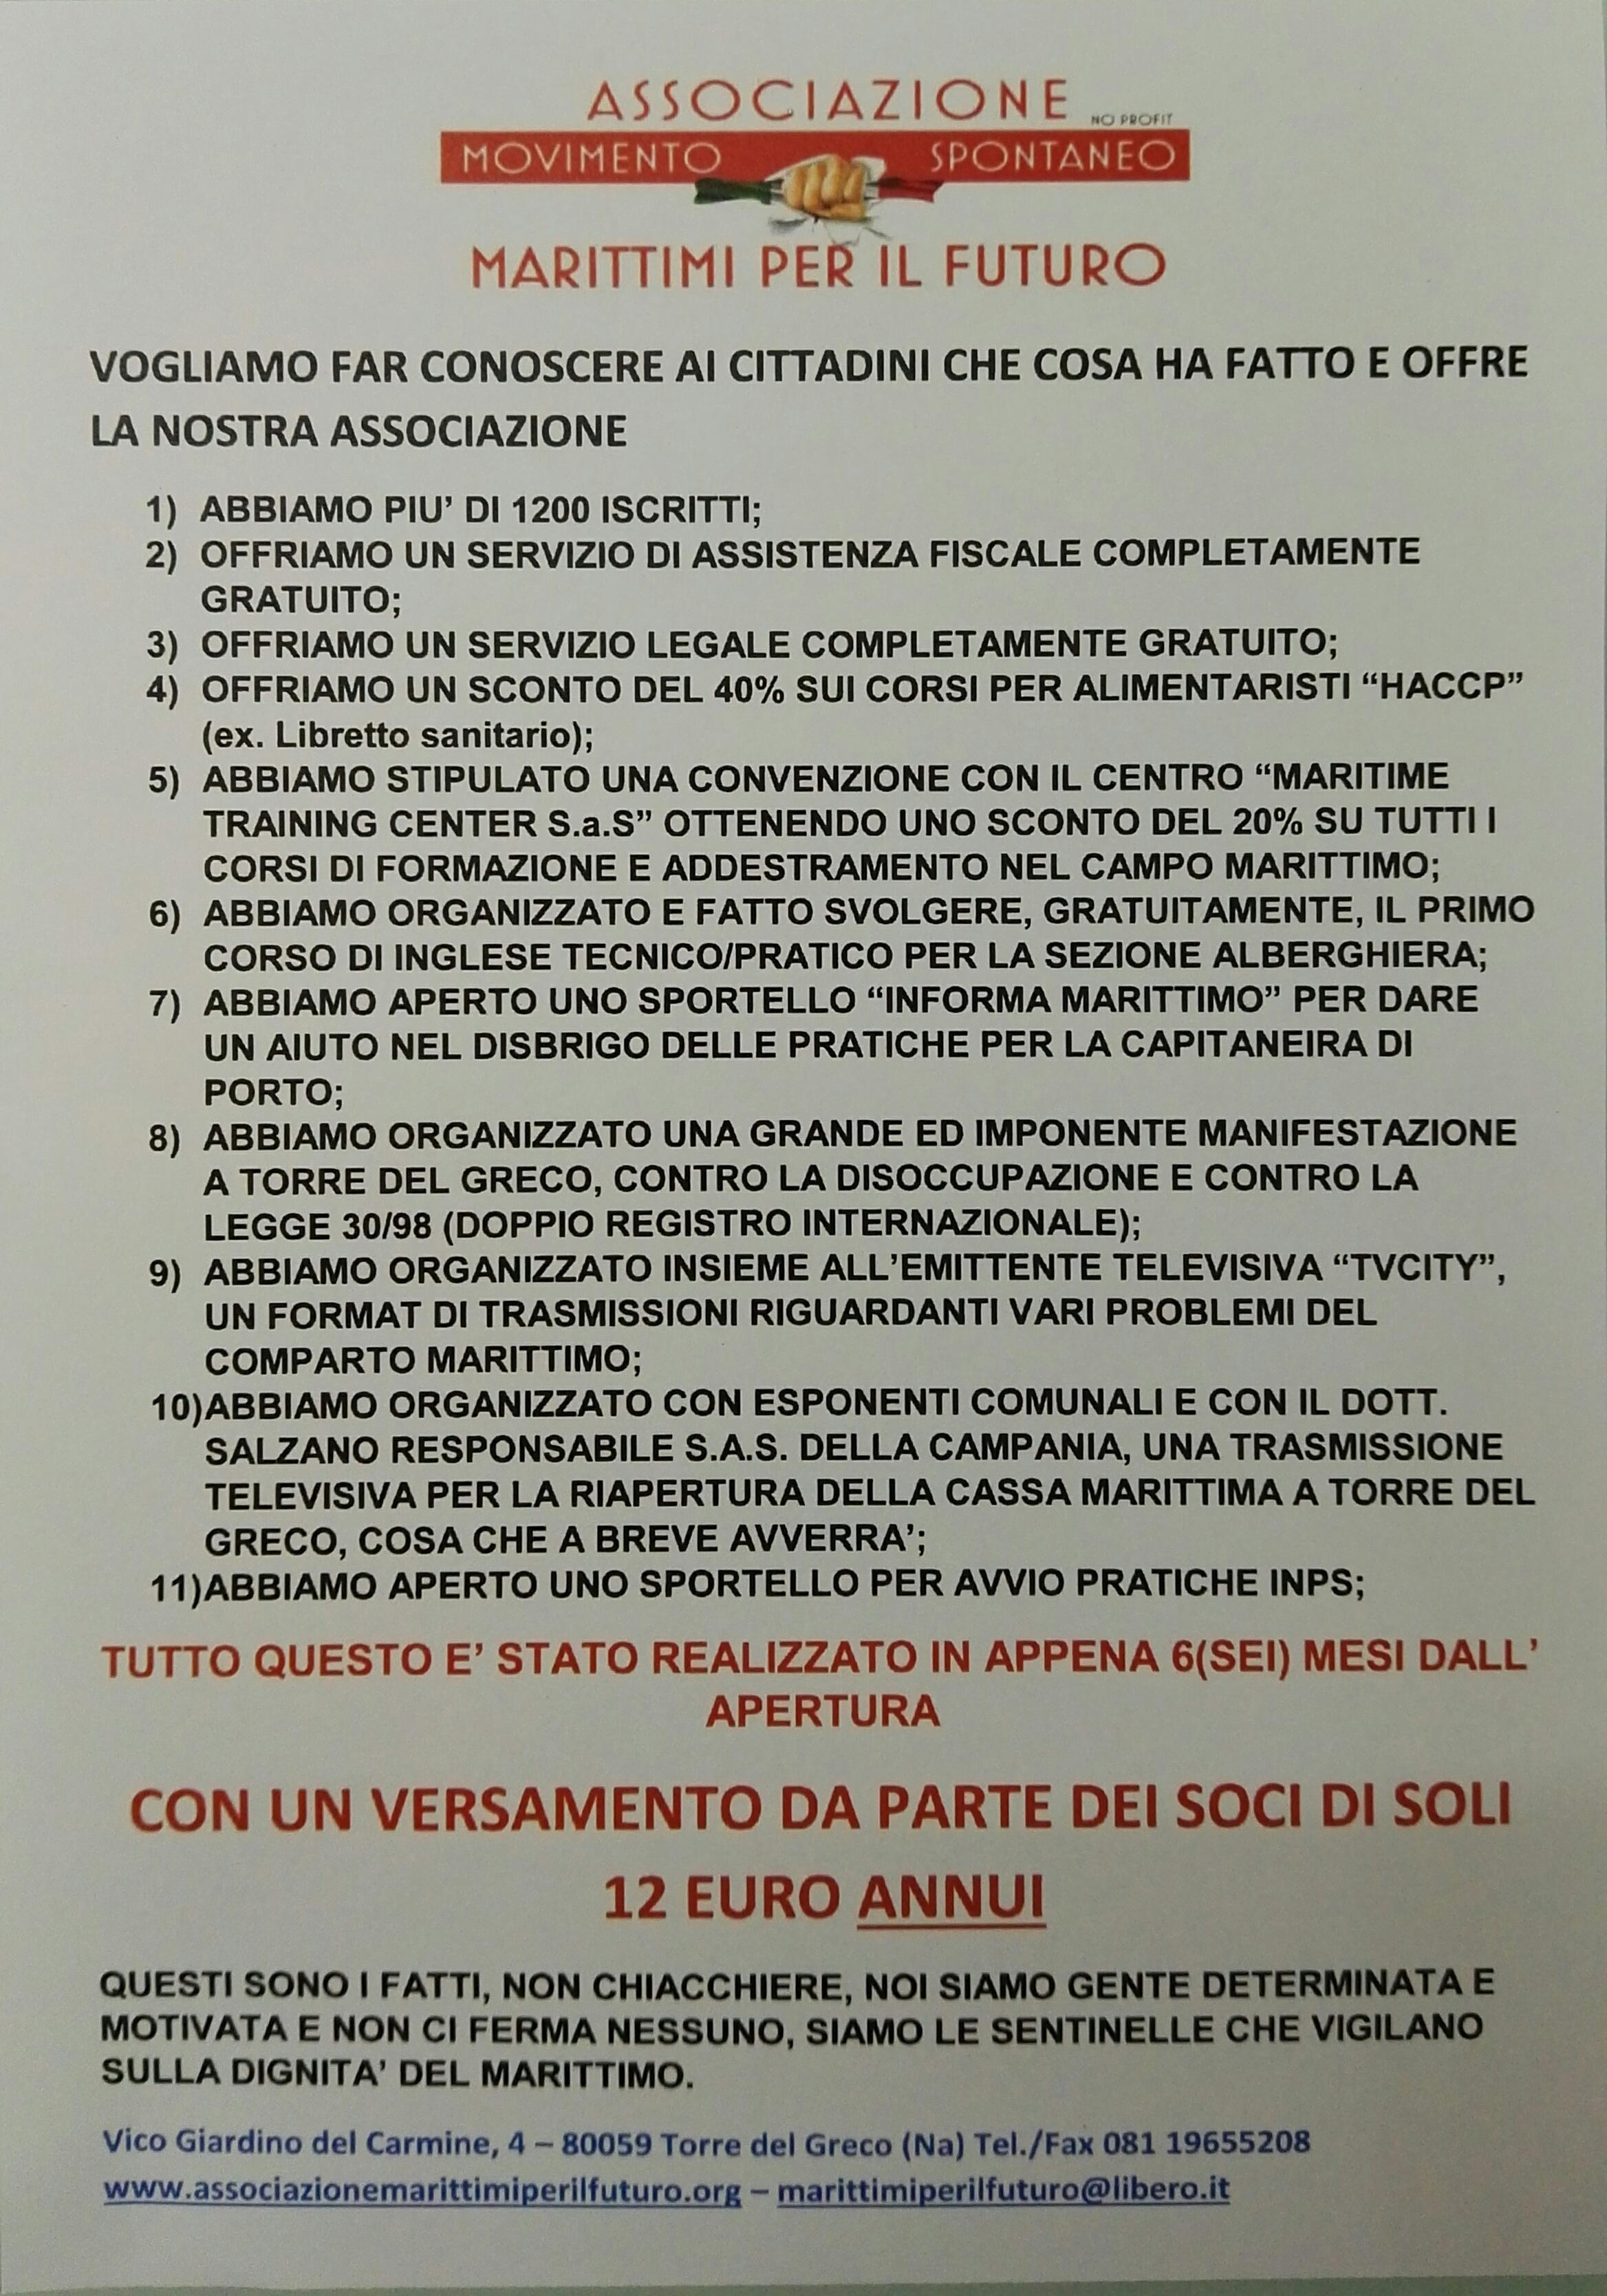 Associazione marittimi per il futuro, Una realtà sul territorio di Torre del Greco